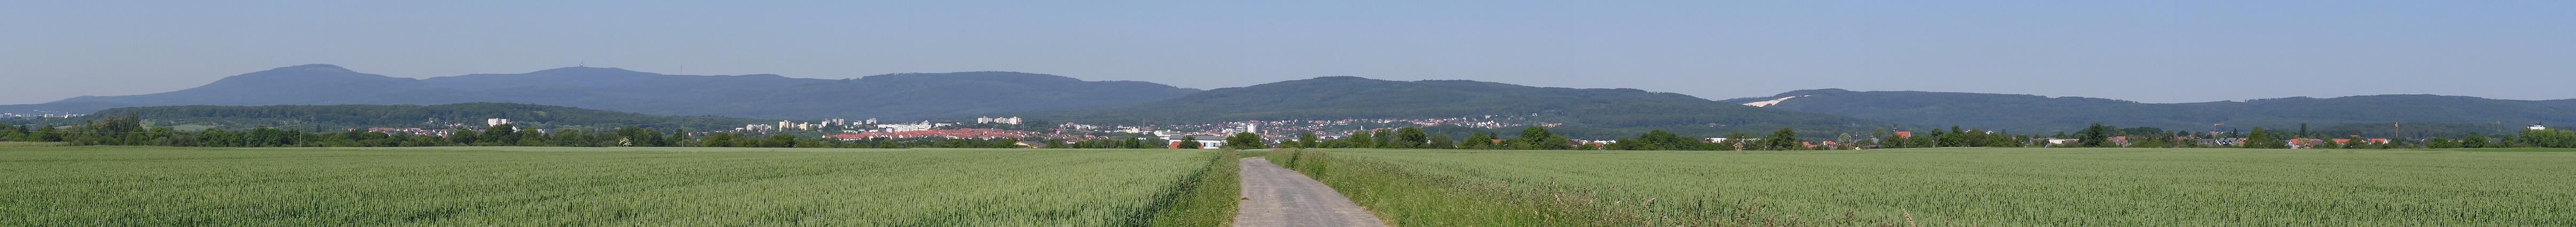 Wetter Friedrichsdorf